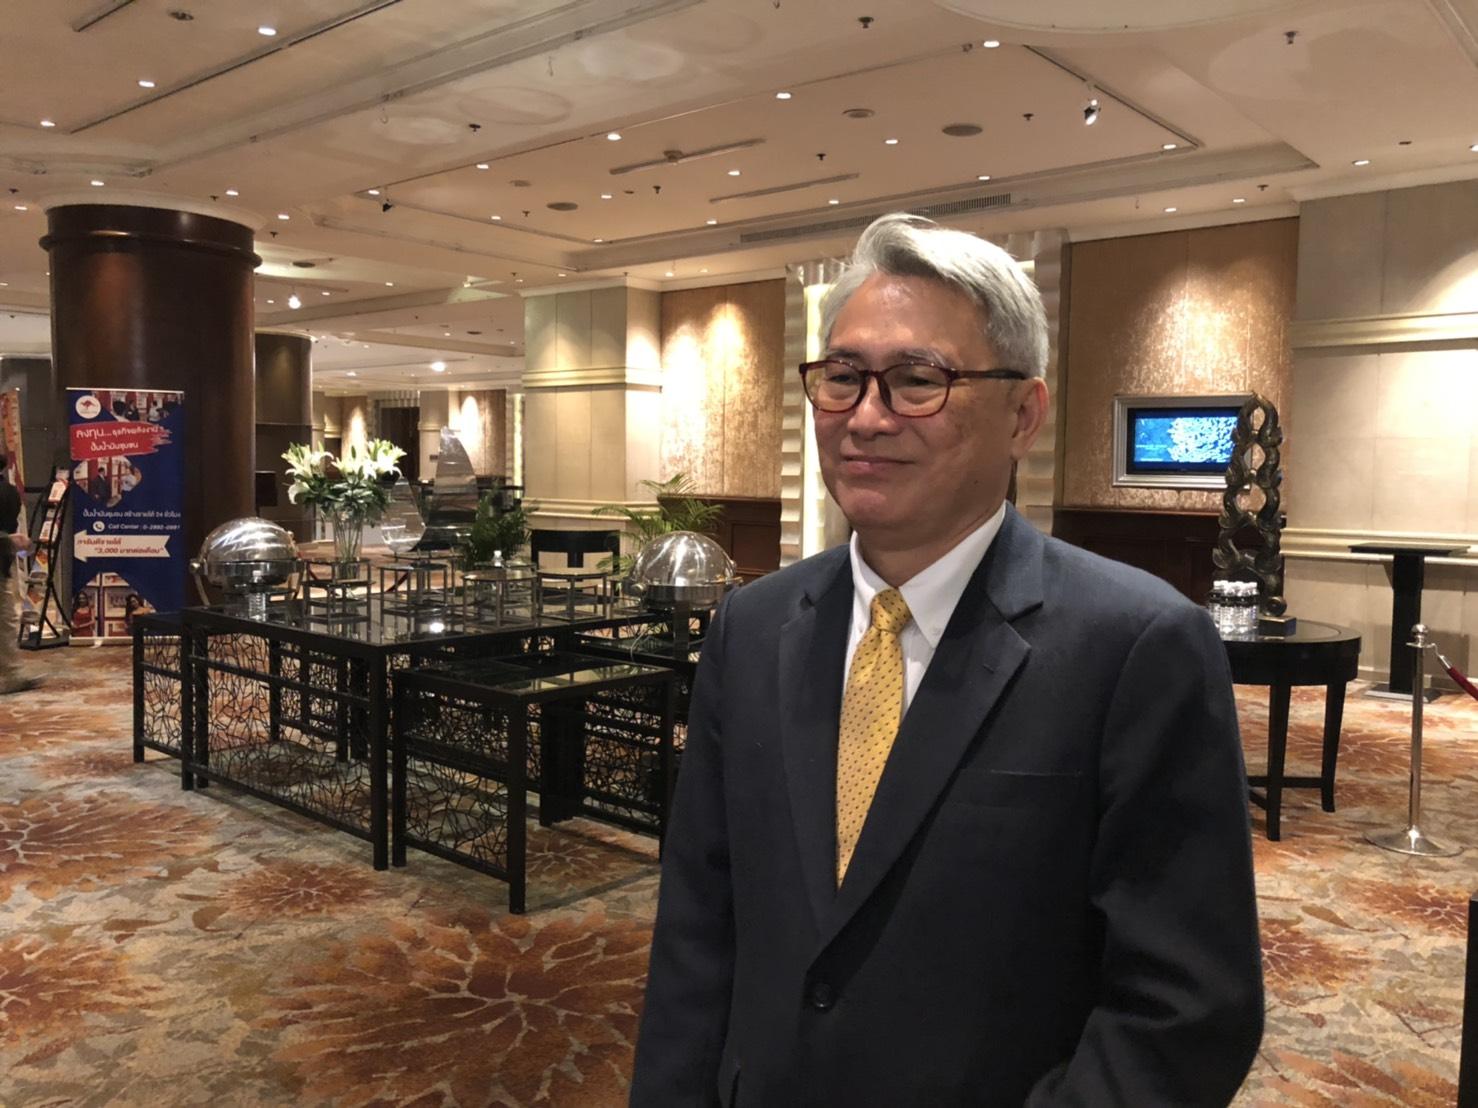 กฟผ.จับมือตลท.ศึกษาตลาดกลางซื้อขายไฟฟ้า ผลักดันไทยก้าวสู่Center Energy of ASEAN